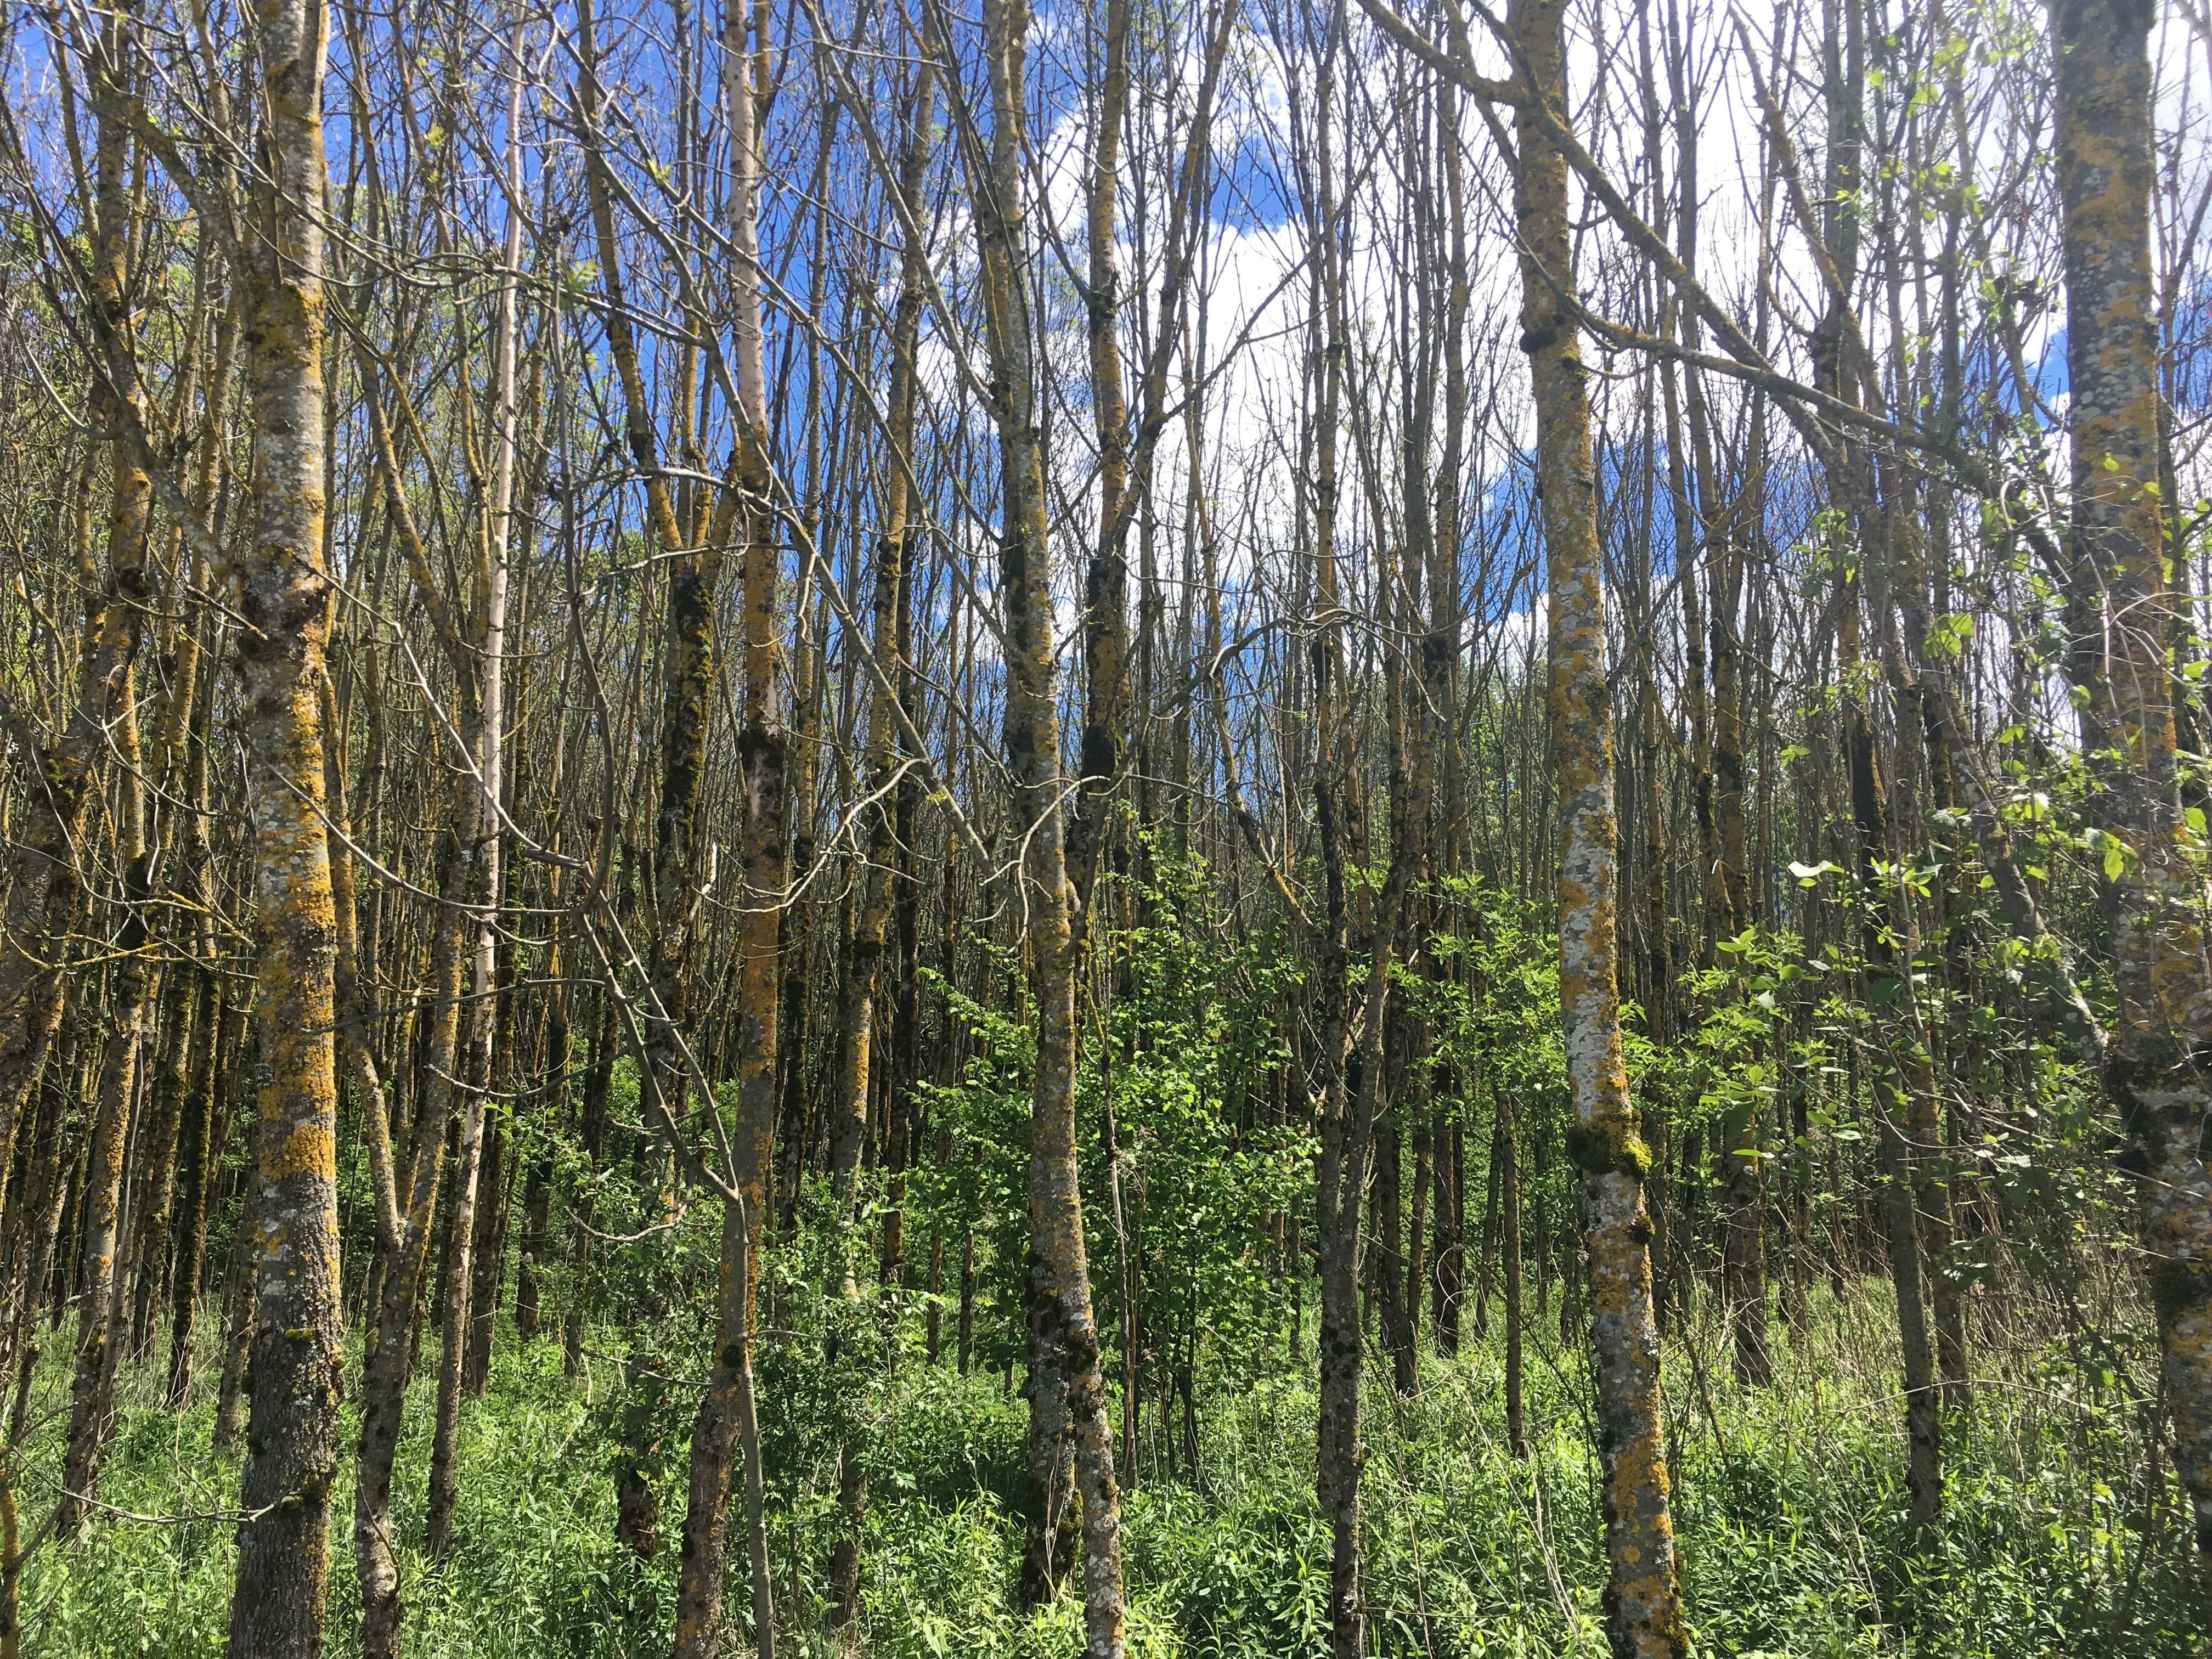 saison, automne, forêt, herbe, bois,